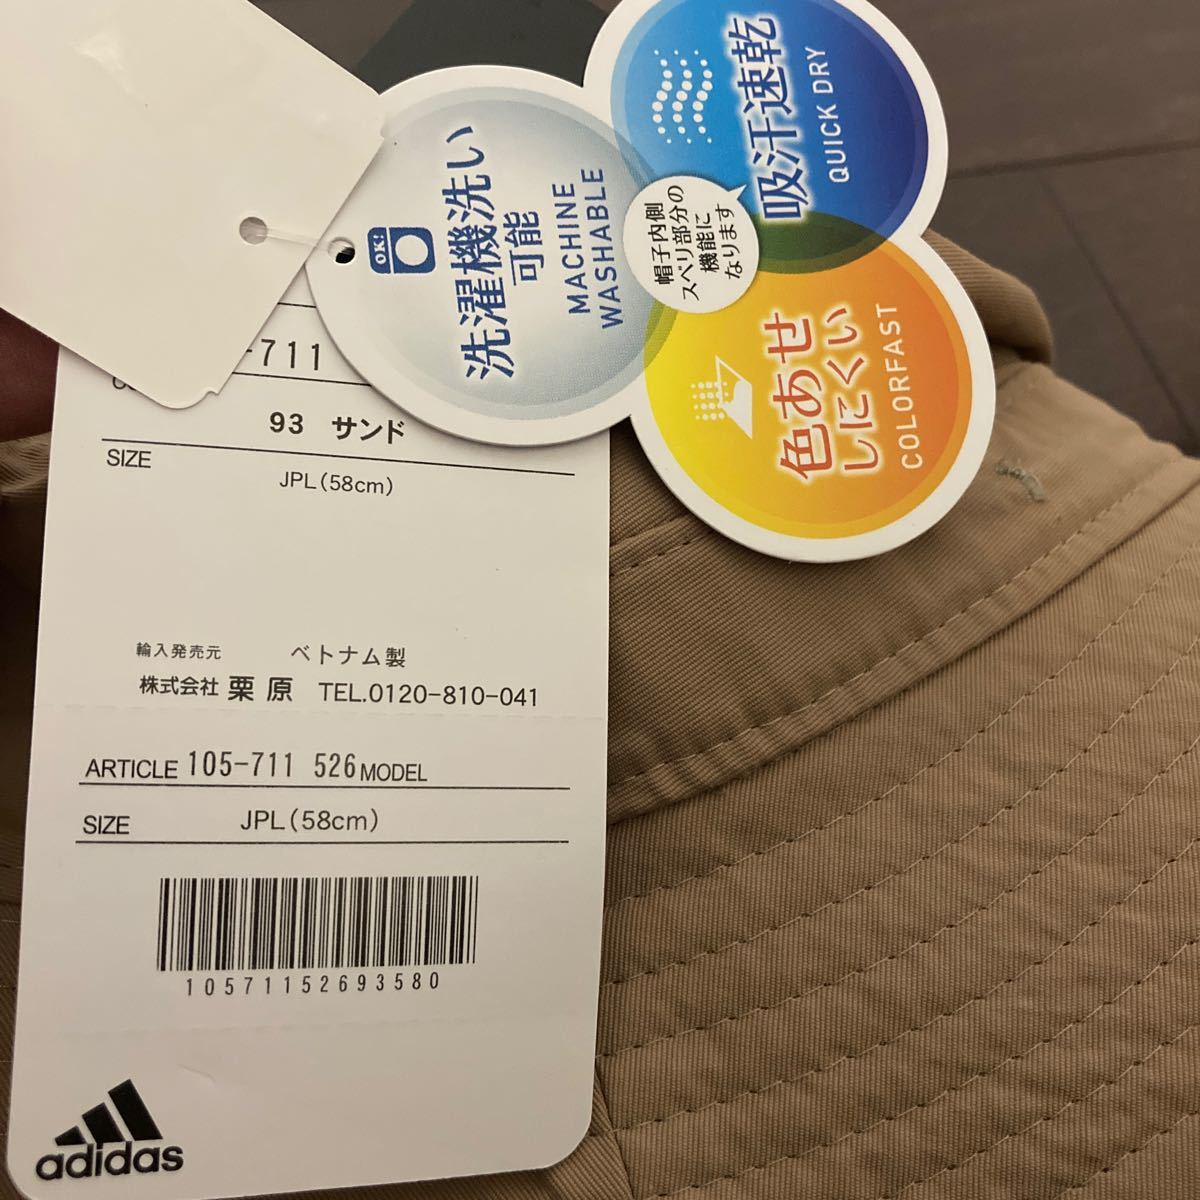 【定価4268円】adidas 吸汗速乾 アドベンチャーハット  Lサイズ